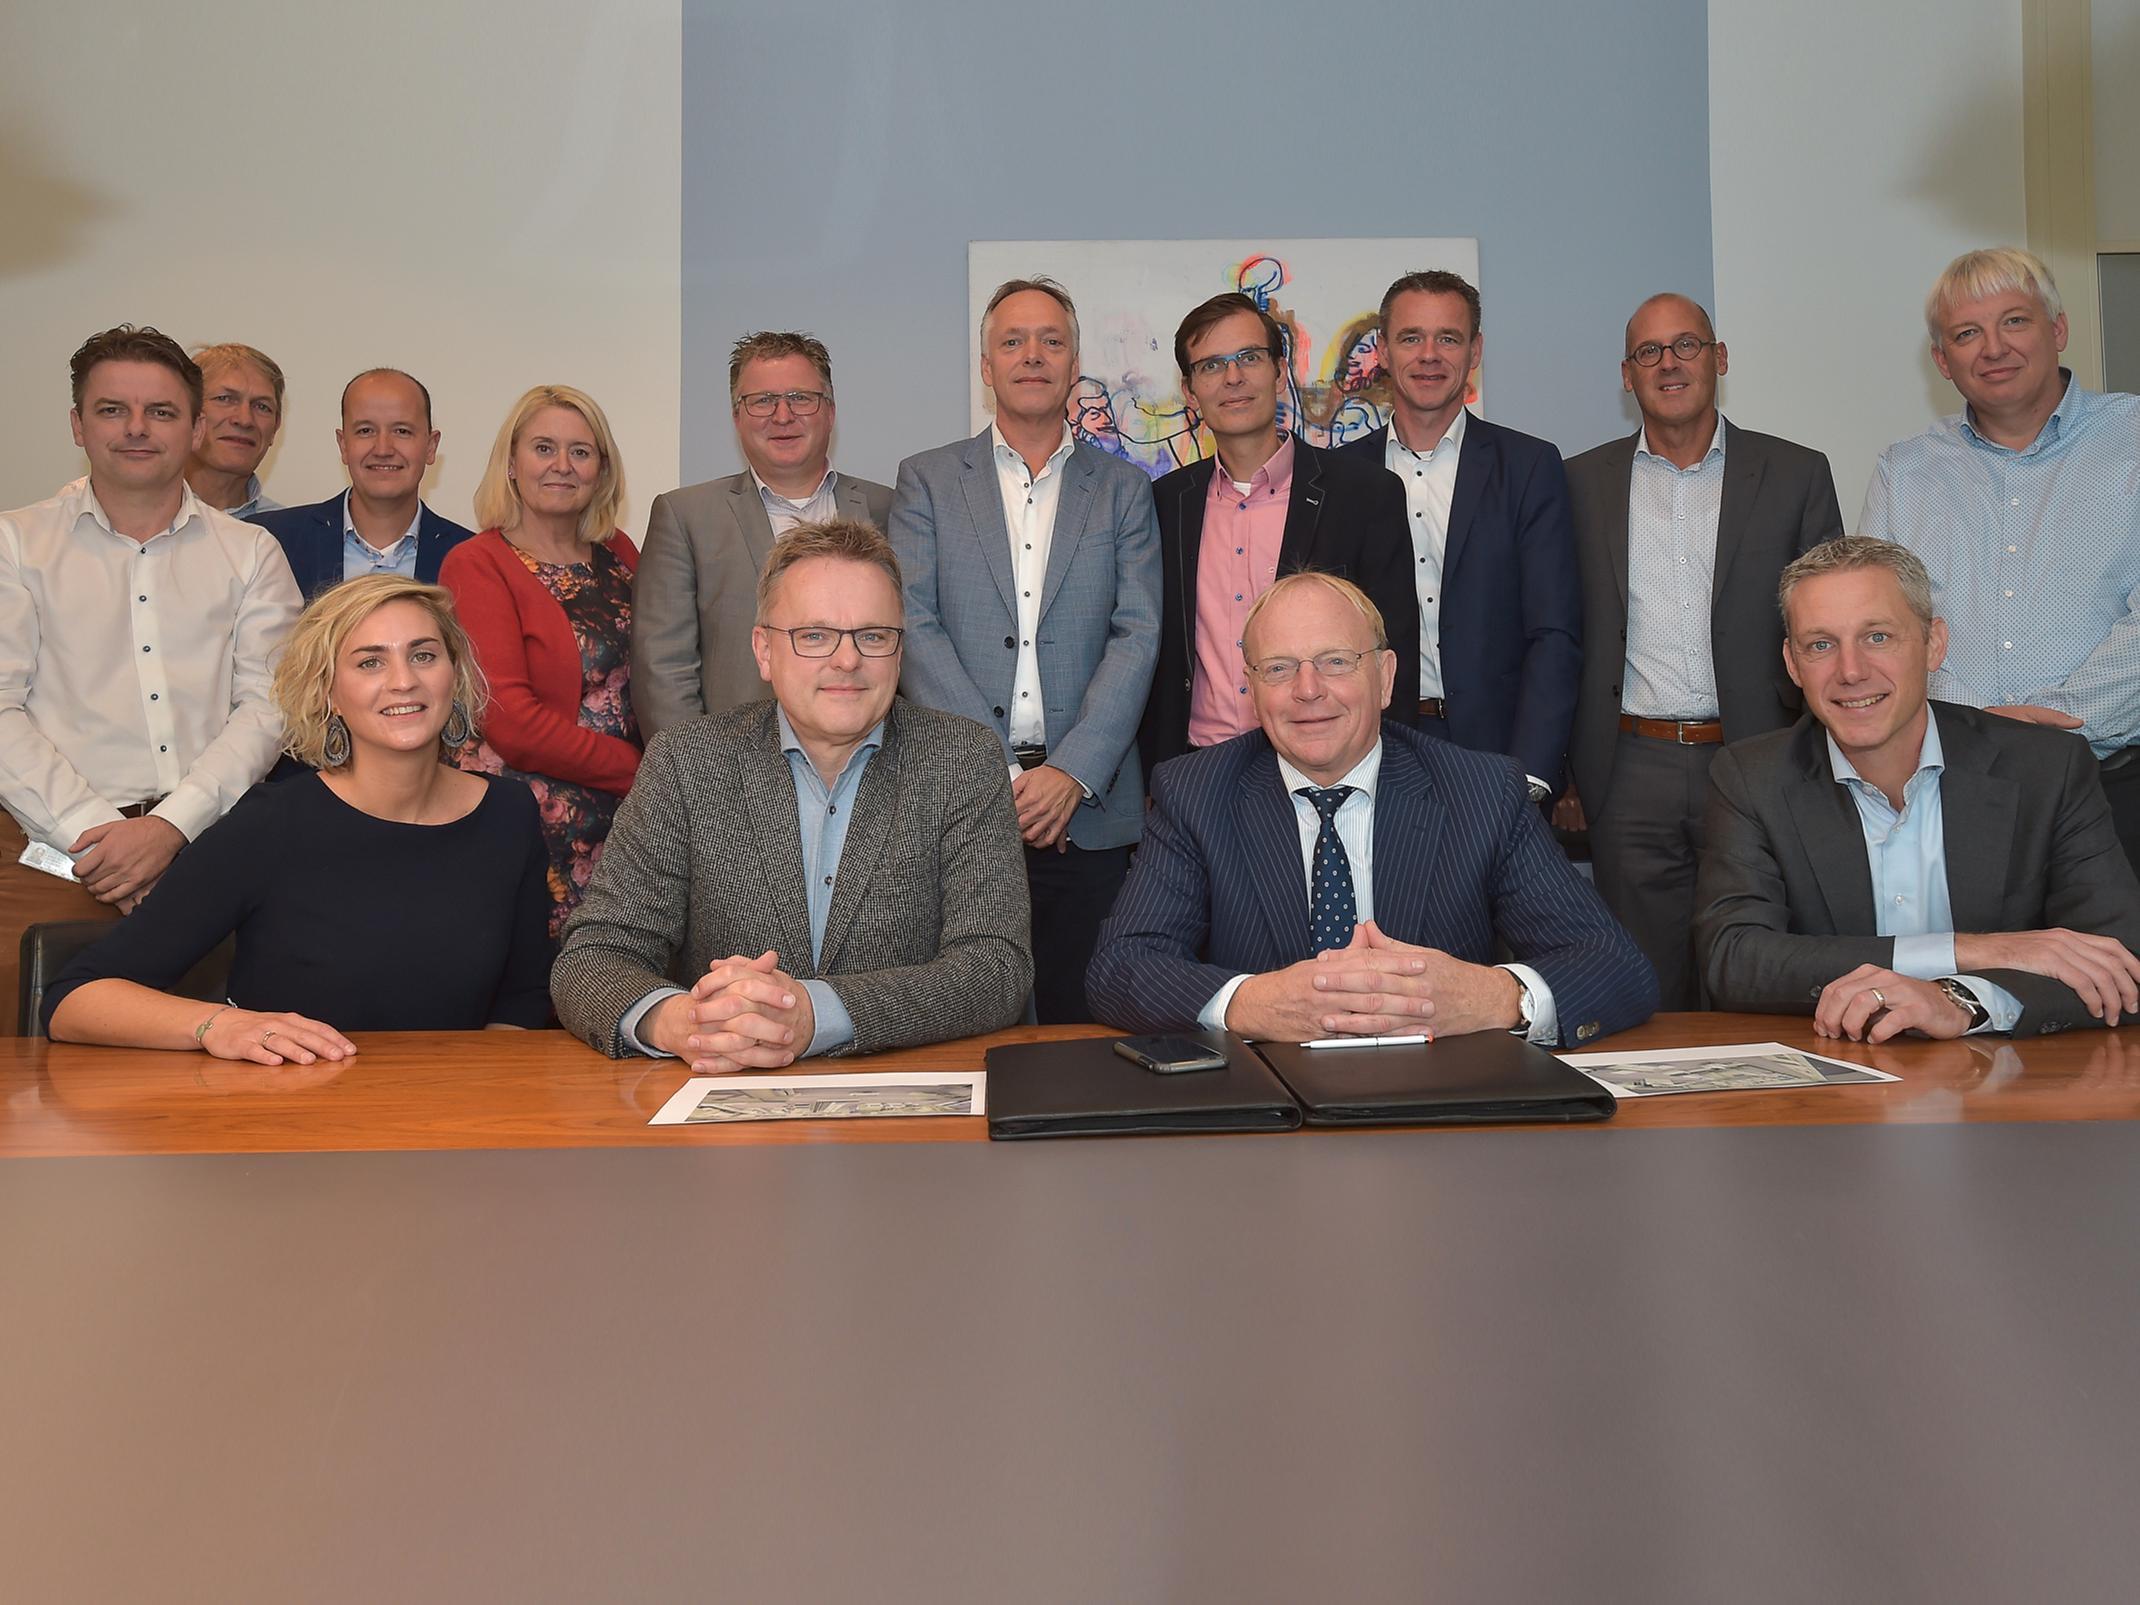 Samenwerkingscontract Rijnstate en Siemens Healthineers